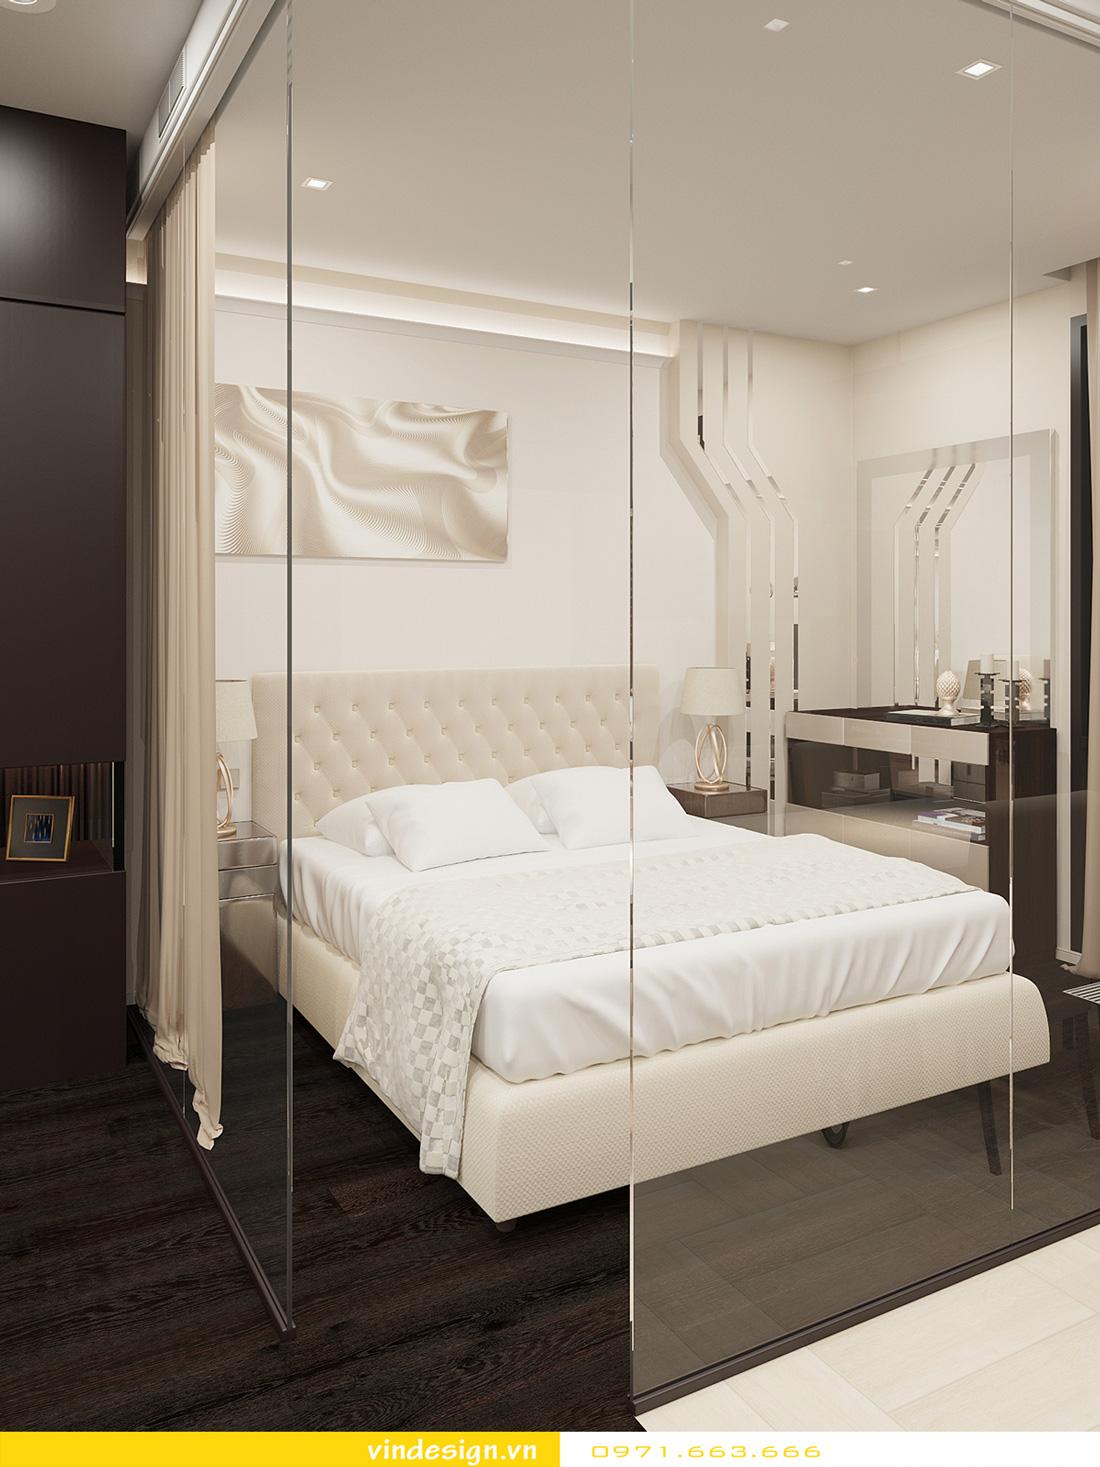 chung cư Vinhomes metropolis mẫu thiết kế nội thất căn hộ hiện đại 09